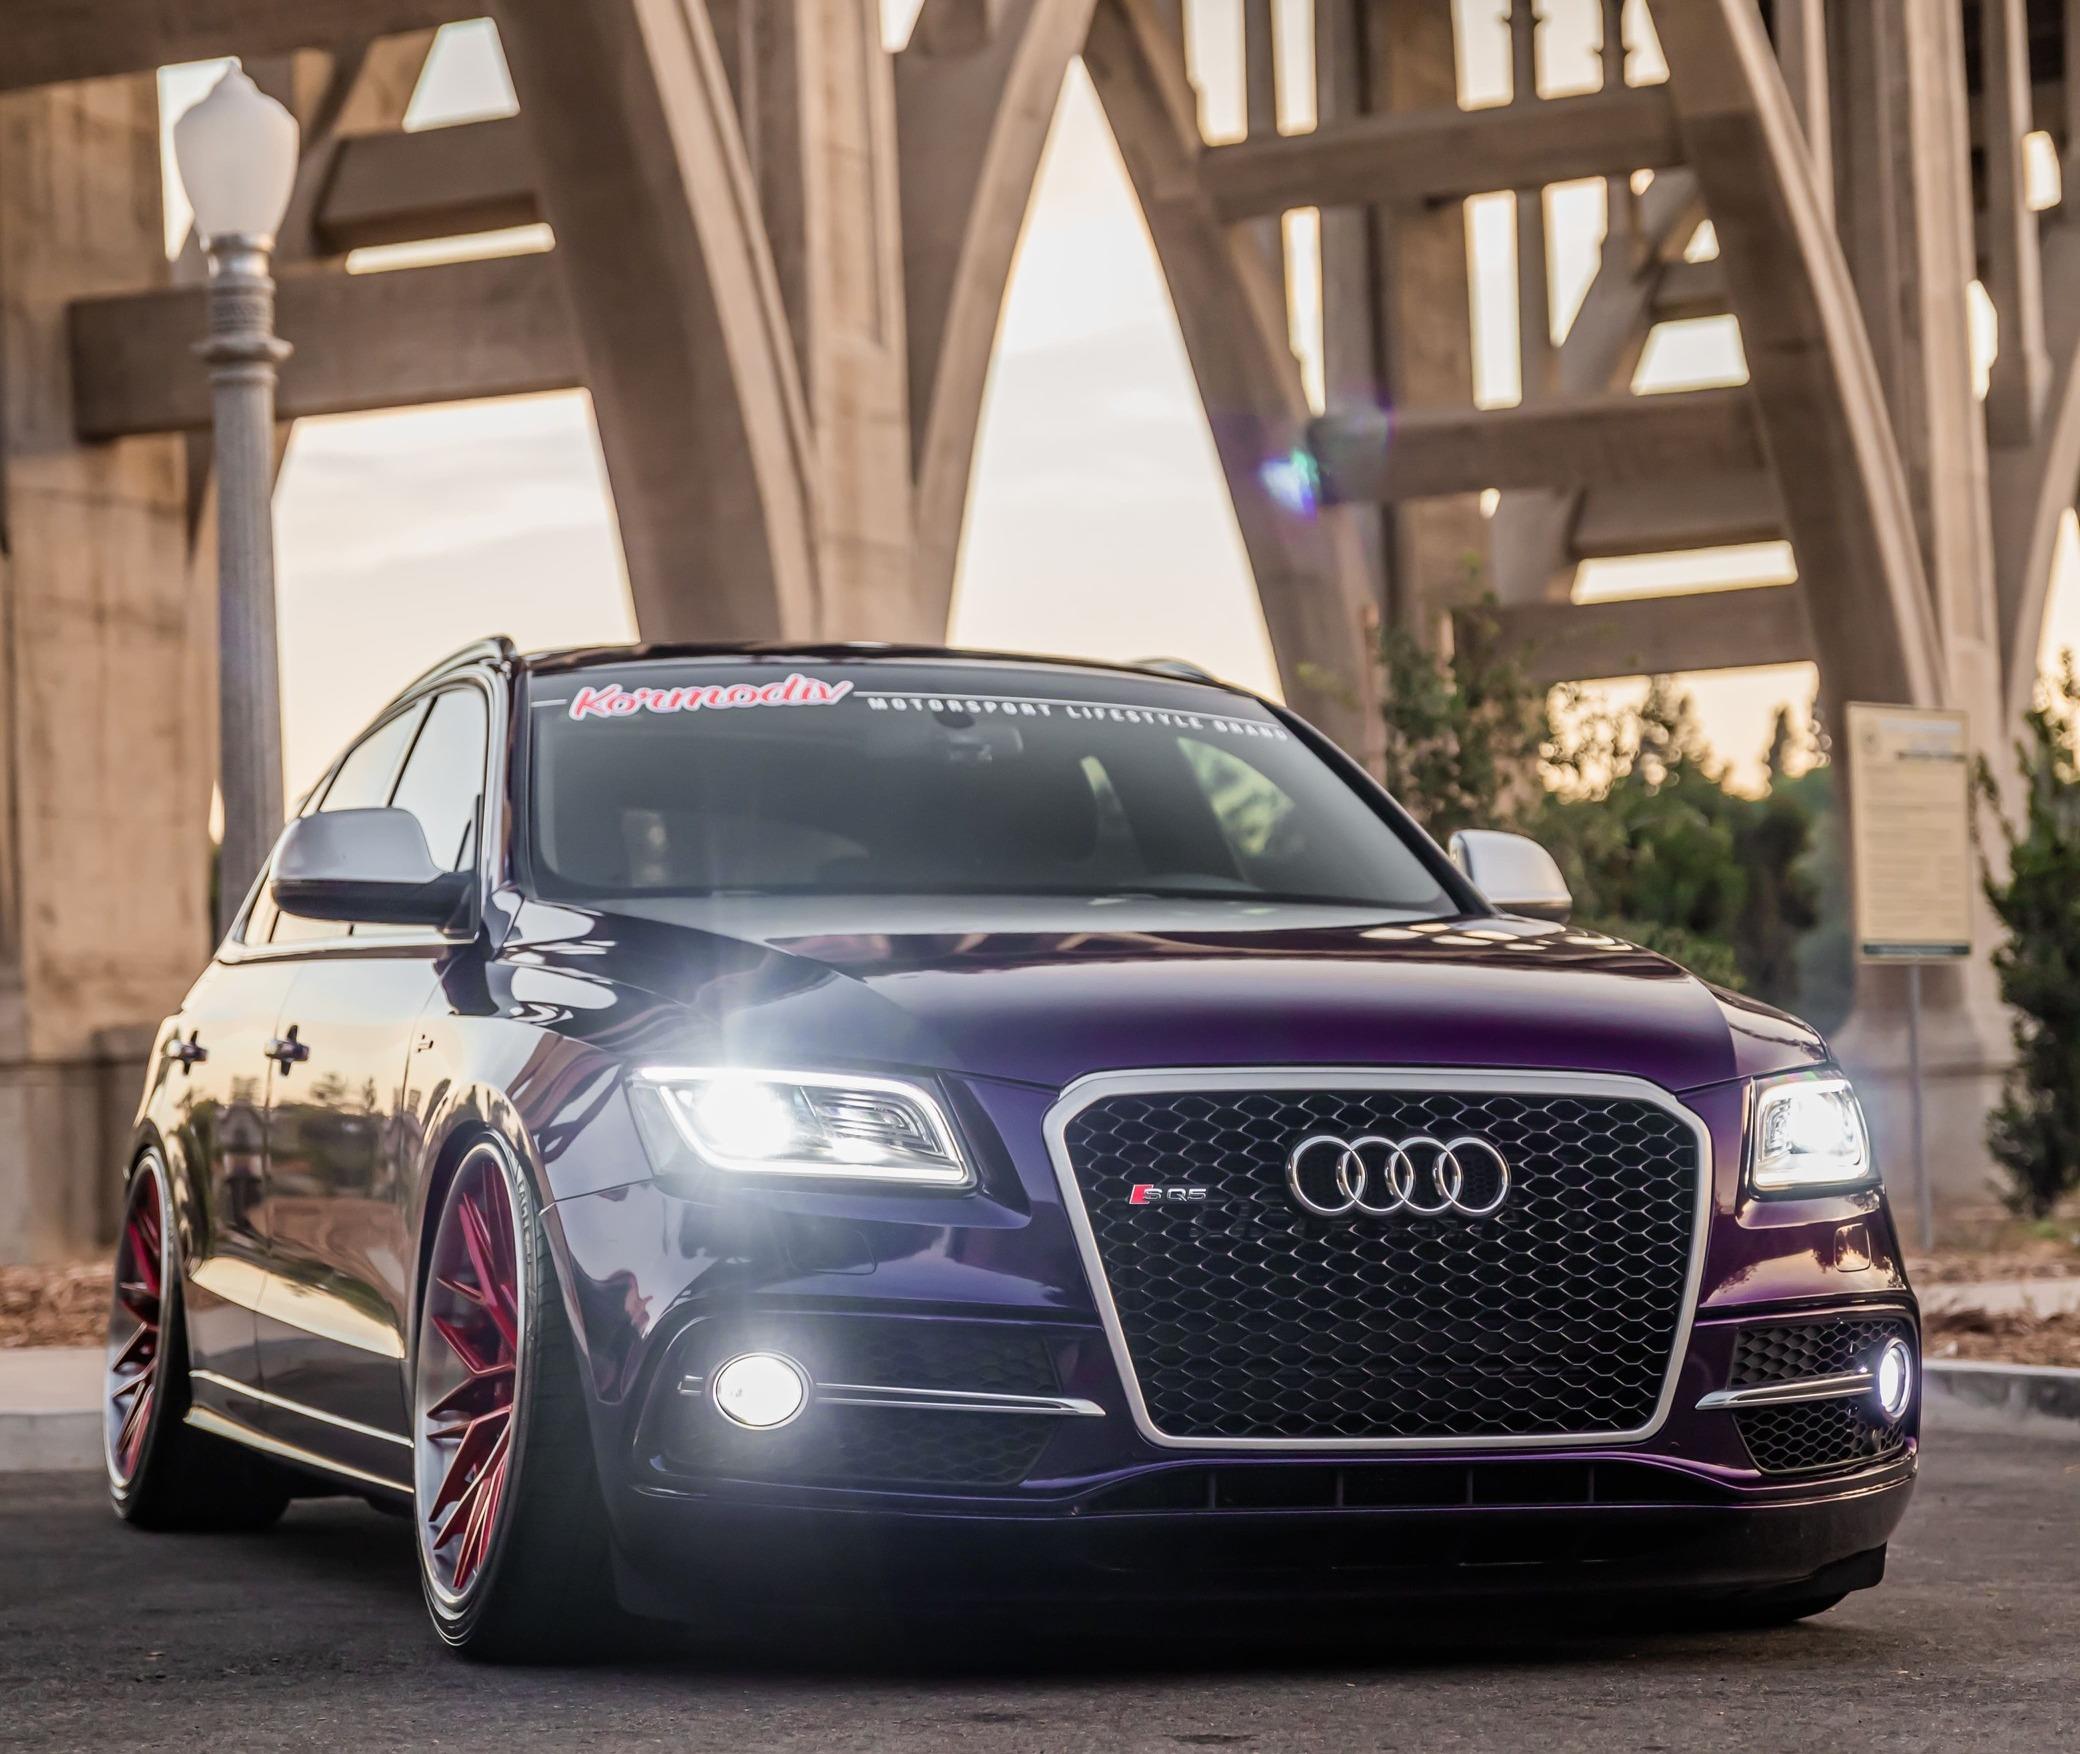 Audi SQ5 Fog Lights